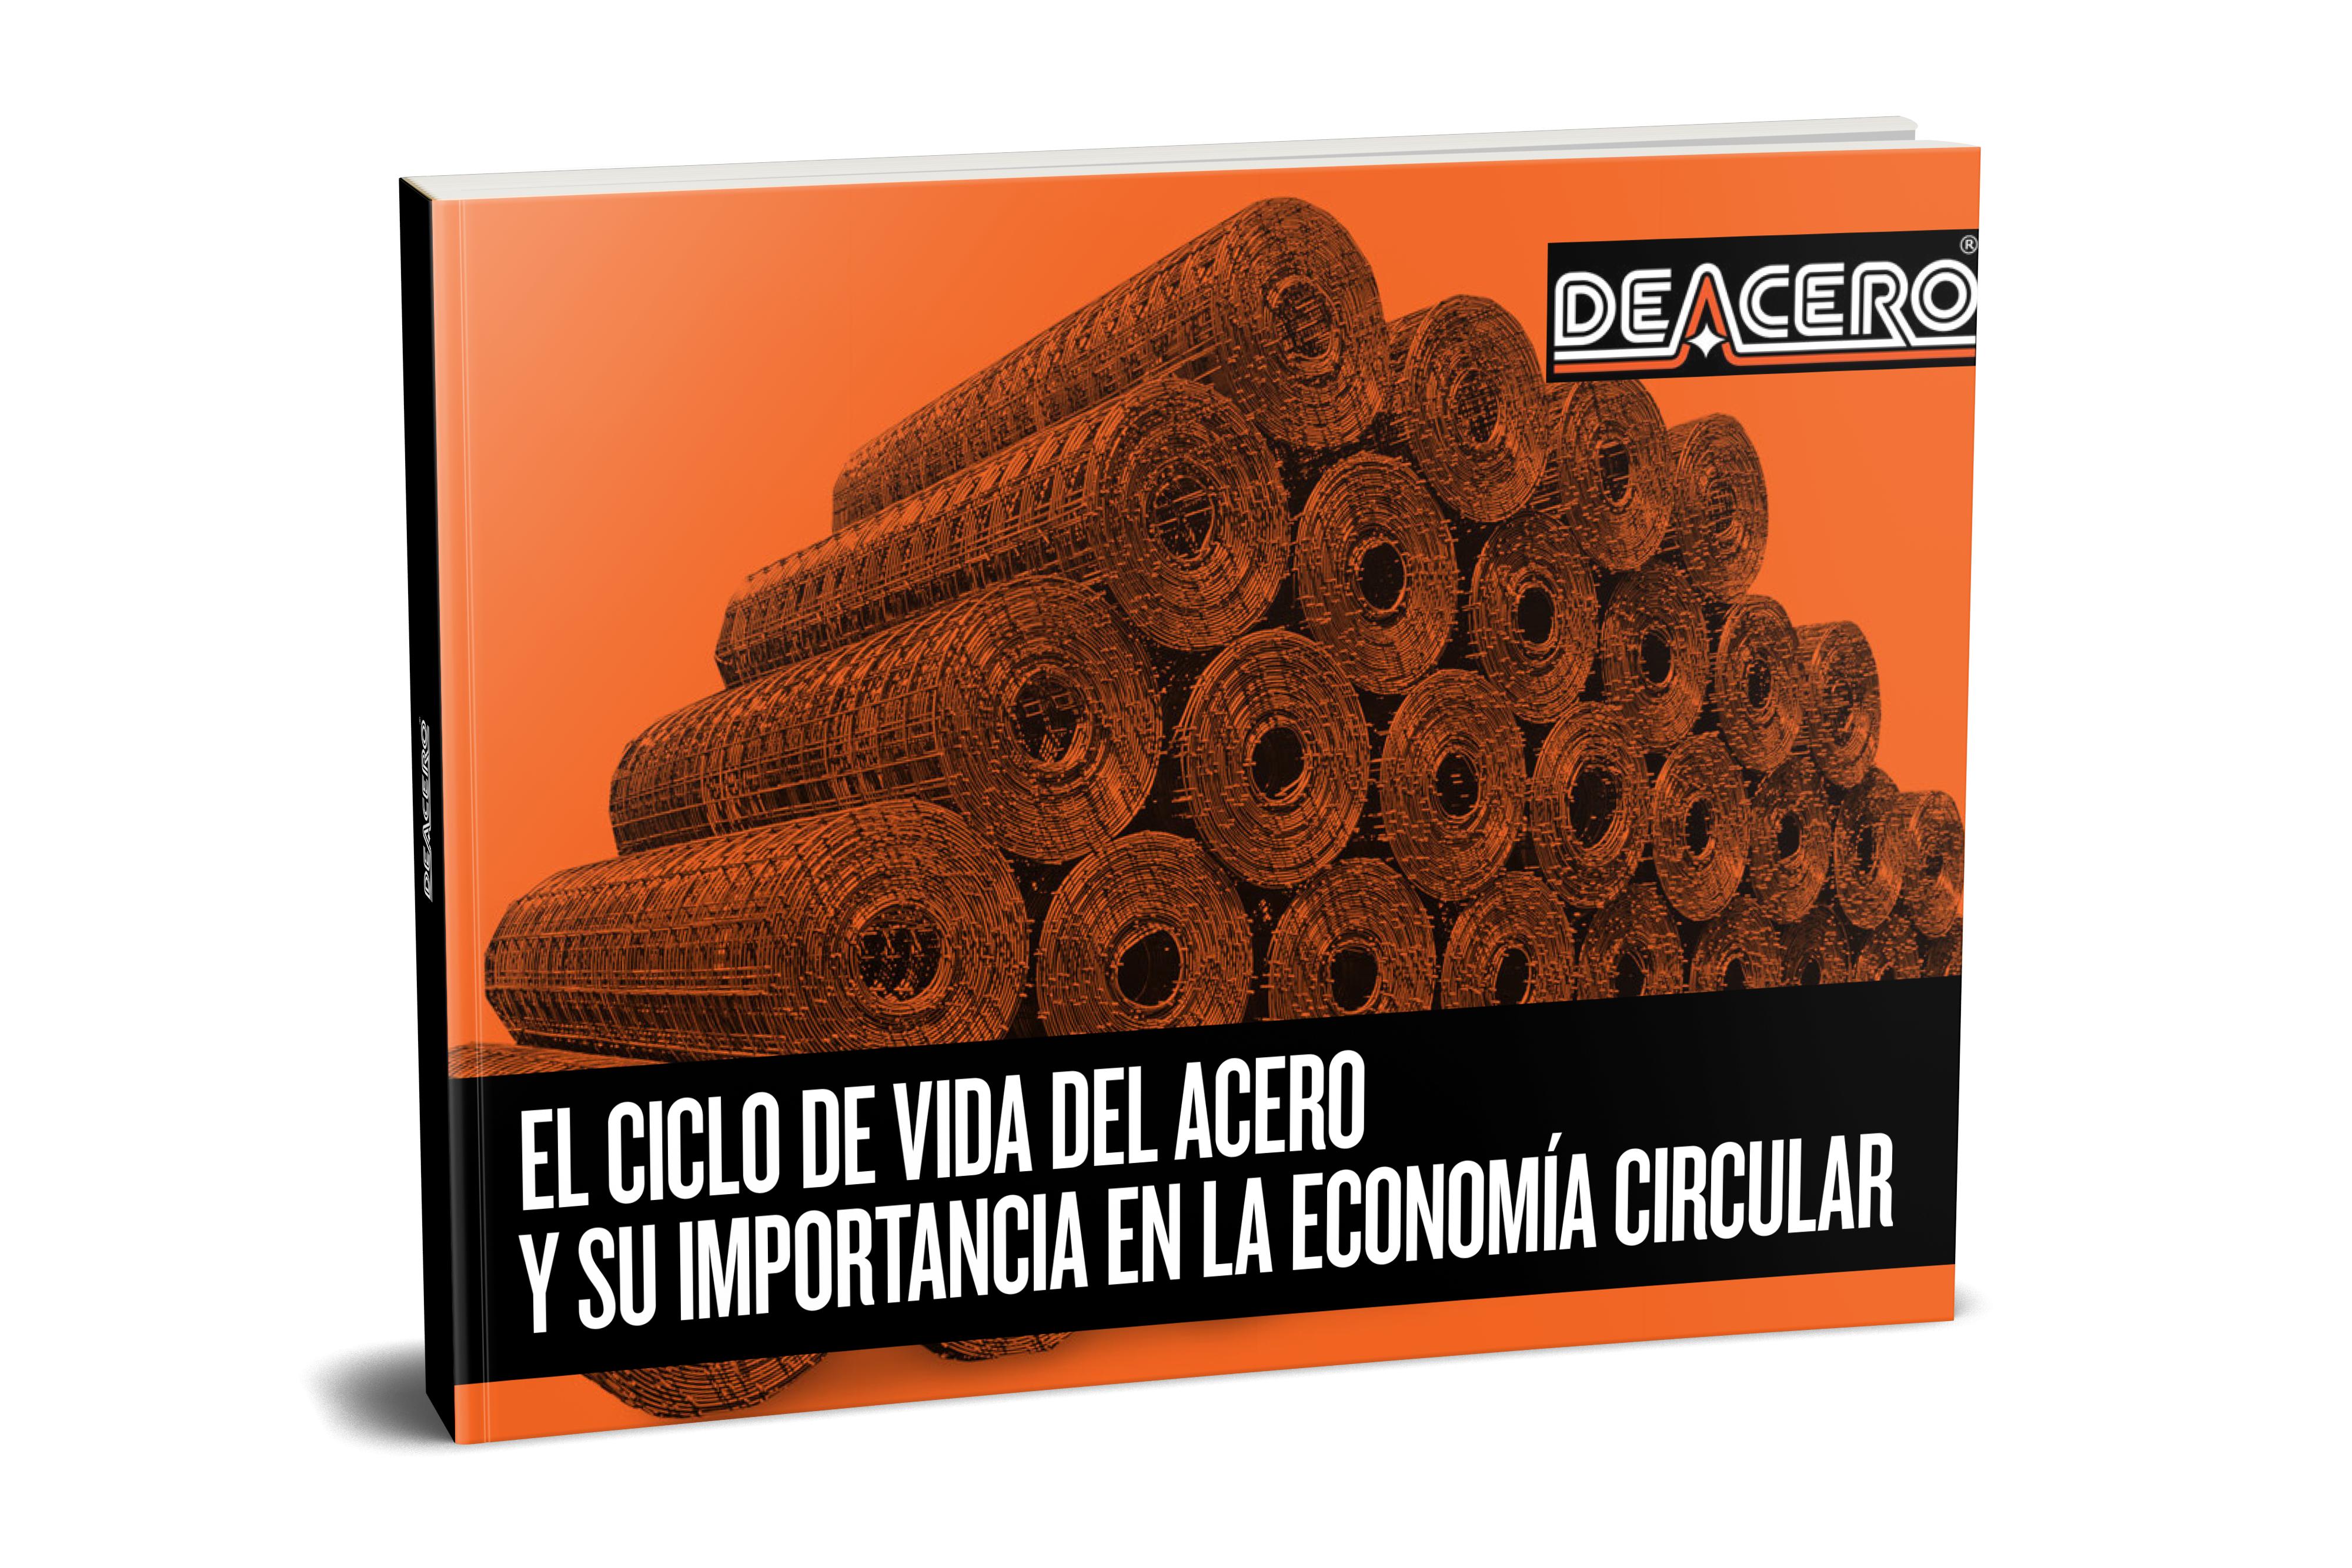 El ciclo de vida del acero y su importancia en la economía circular